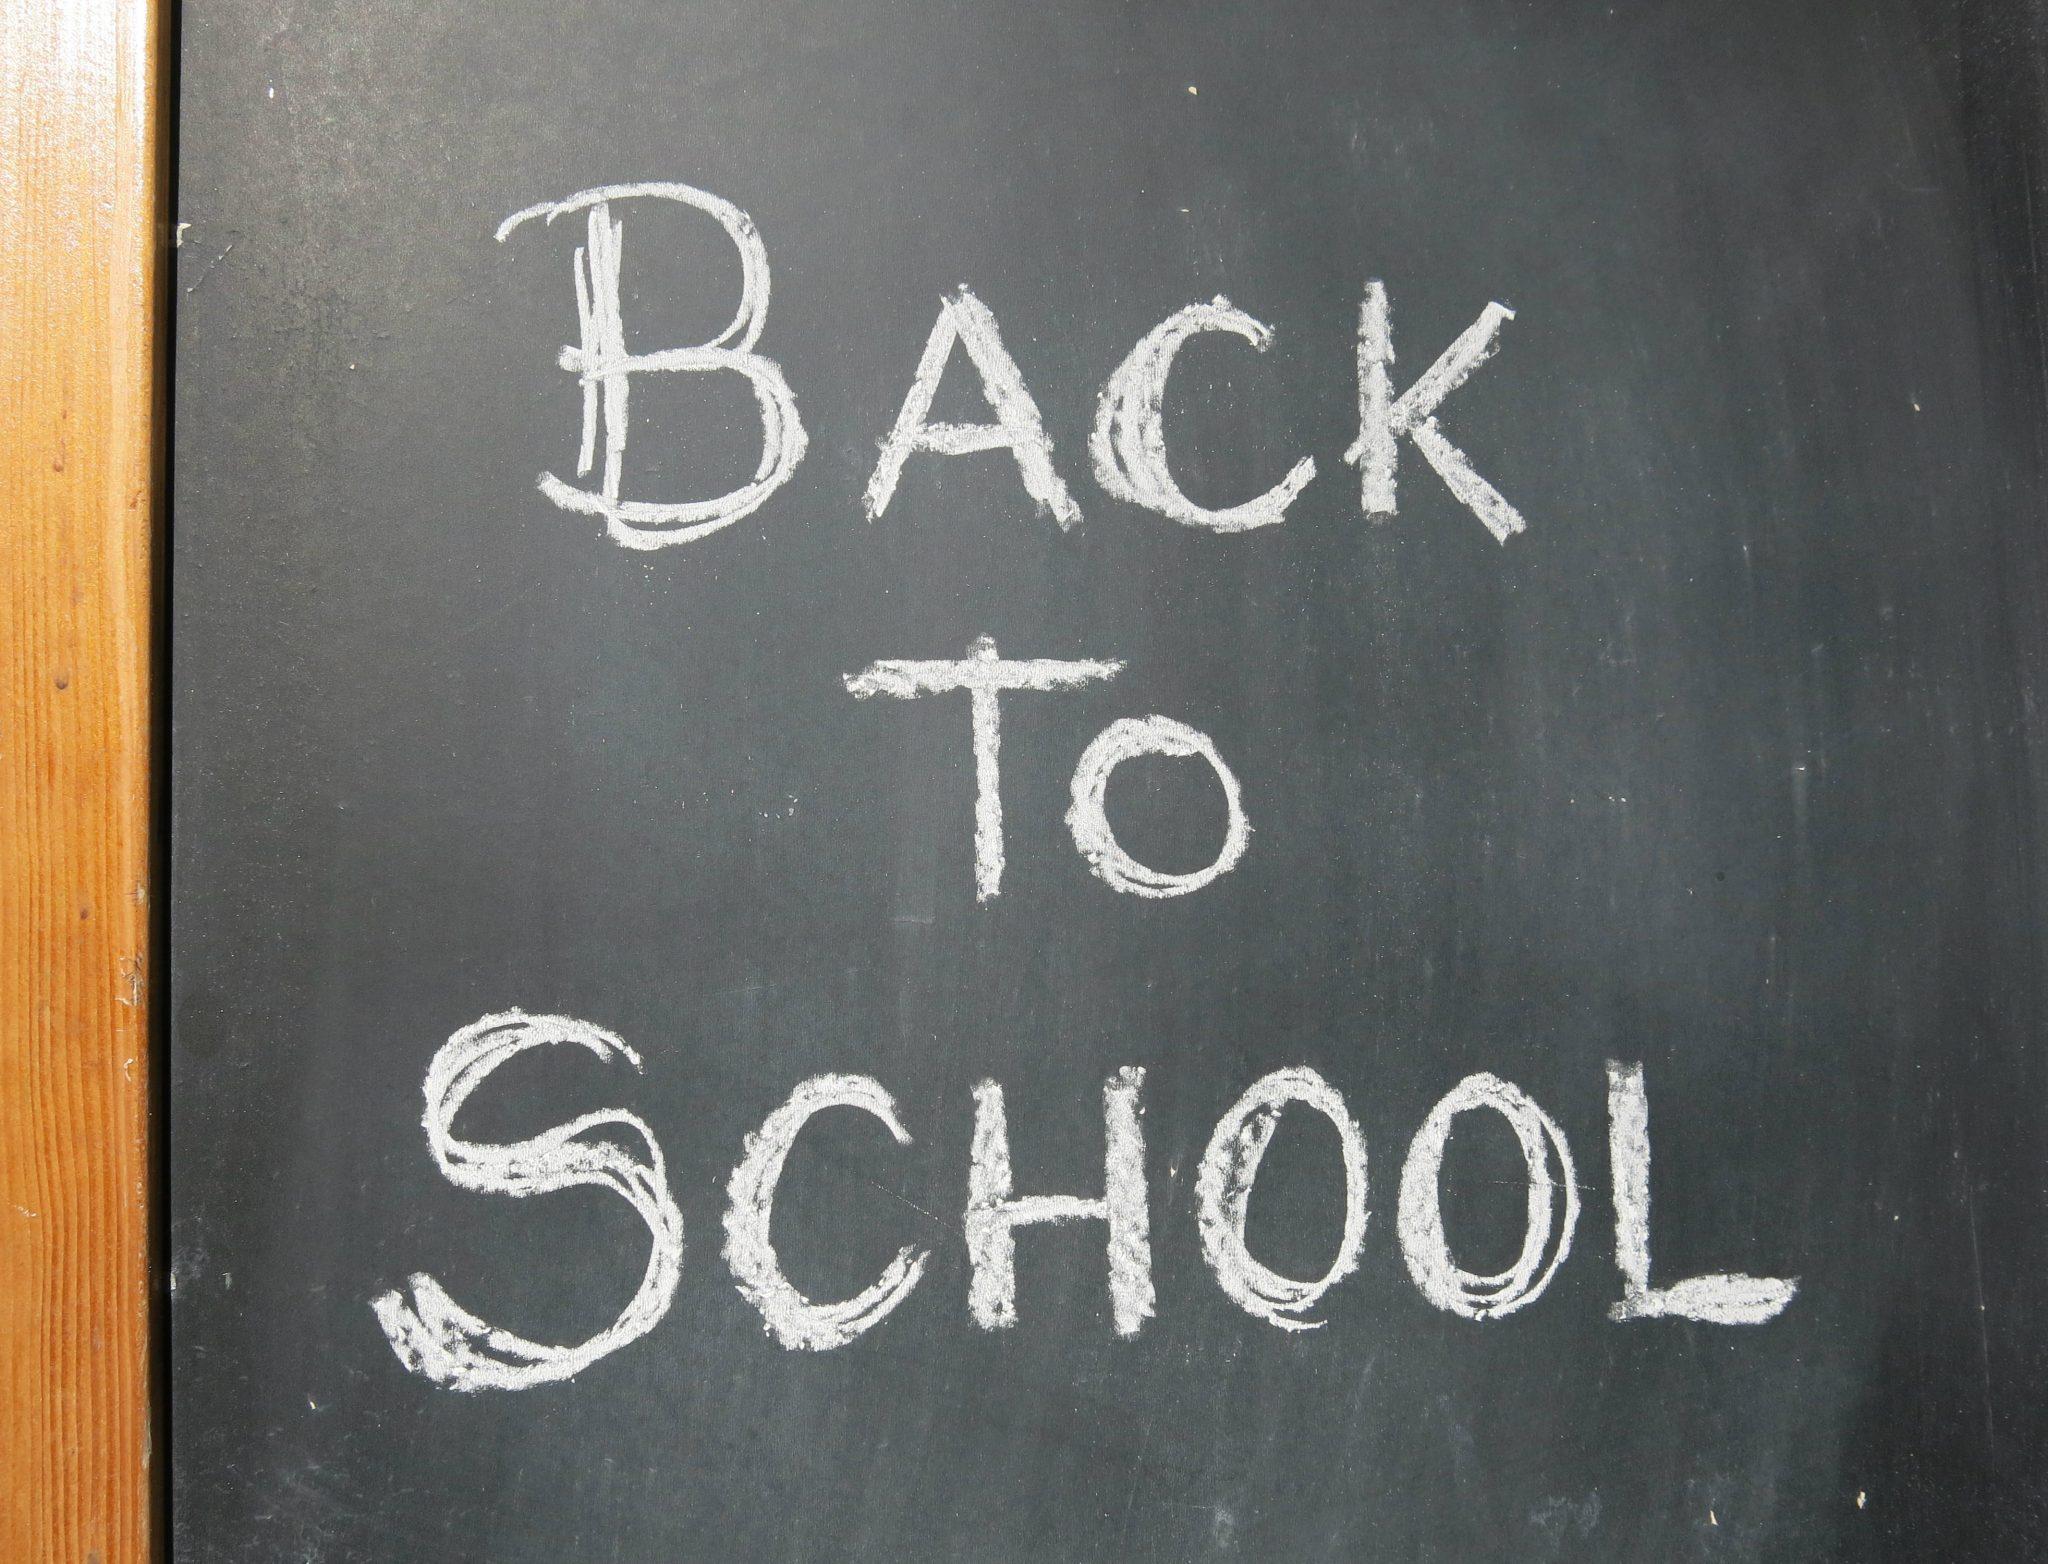 Πίσω στο σχολείο! Συμβουλές για την ομαλή μετάβαση στο πρωινό ξύπνημα